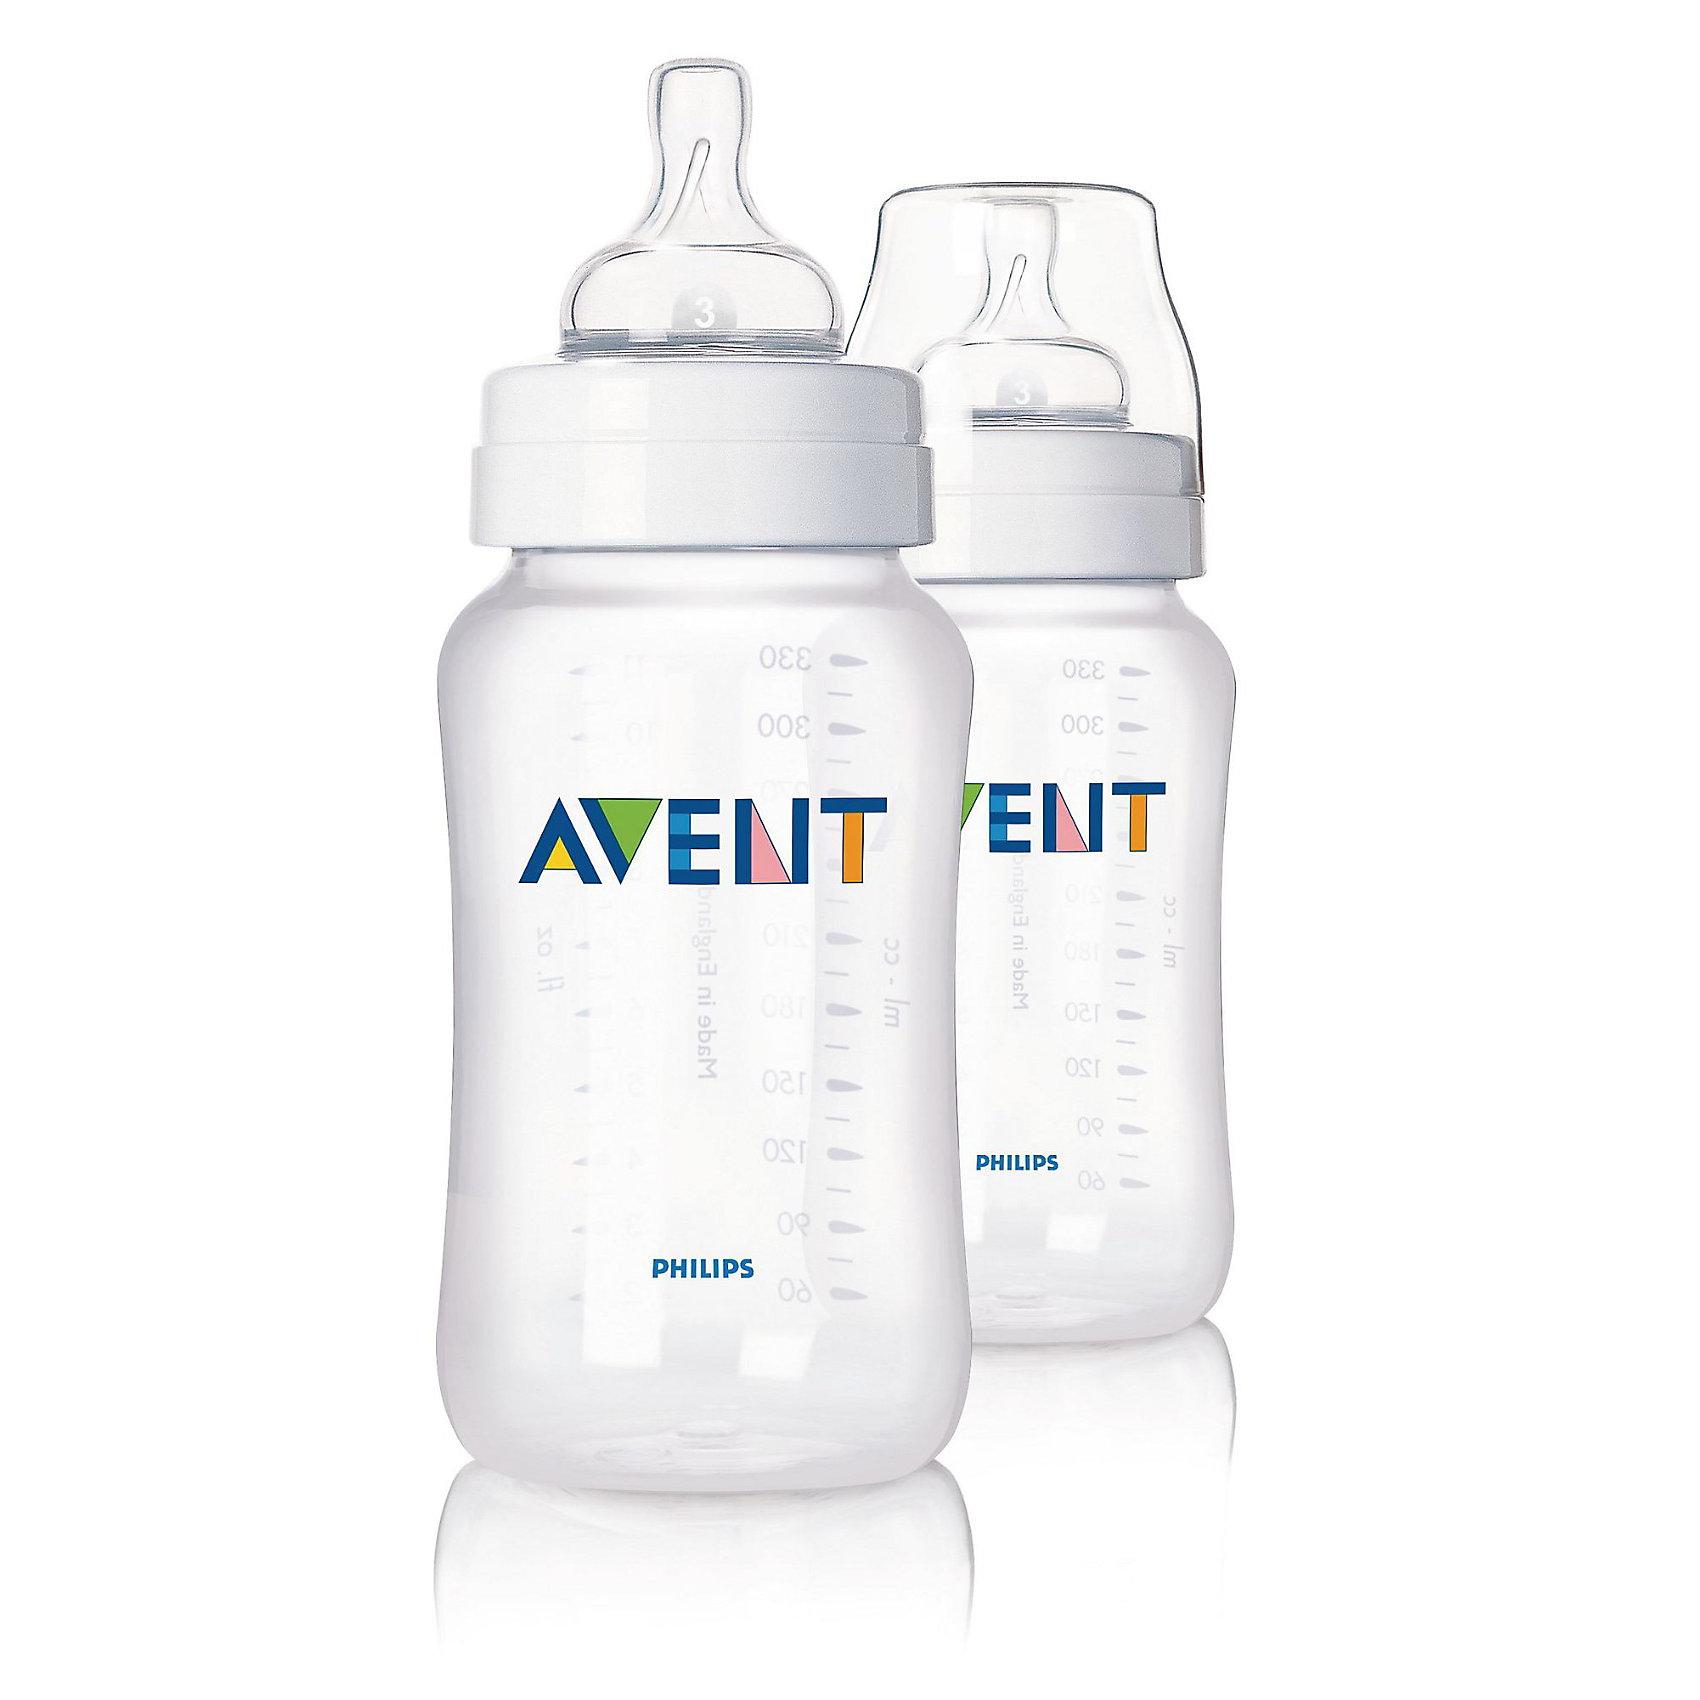 Бутылочка для кормления 330 мл, РР, 2шт., AVENTБутылочка AVENT Classic Philips 330 мл., 2 шт (соска с переменным потоком) значительно снижает риск возникновения колик и раздражительности, особенно в ночное время.<br><br>Преимущества:<br>• Бутылочка для кормления AVENT отличается простотой сборки и высокой гигиеничностью.<br>• Естественная форма соски соответствует форме женской груди и обеспечивает правильный захват. <br>• Эргономичная форма для максимального комфорта, позволяет ребенку удобно держать бутылочку при кормлении. <br>• Наличие четкой шкалы на корпусе помогает вам оценить количество выпитого ребенком молока.  <br>• Уникальный односторонний воздушный клапан Philips AVENT (Авент)  закрывается и открывается вместе с<br>естественным ритмом сосания малыша и позволяет воздуху непрерывно попадать внутрь бутылочки, замещая жидкость по мере ее расхода.<br><br>Дополнительная информация:<br>• Совместима с изделиями линейки Philips AVENT (Авент)<br>• Бутылочка не содержит бисфенола-А*<br>• Доступны соски с различной скоростью потока<br>• Всегда используйте соединительное кольцо<br>• Бутылочка состоит всего из трех компонентов, что облегчает очистку, <br>и имеет стандартный колпачок для гигиеничного хранения и транспортировки <br><br>В комплекте: 2 бутылочки AVENT для кормления 330 мл, 2 соски с переменным потоком.<br><br>Рекомендуемый возраст: 0-6 мес.<br><br>Ширина мм: 69<br>Глубина мм: 178<br>Высота мм: 140<br>Вес г: 216<br>Возраст от месяцев: 0<br>Возраст до месяцев: 36<br>Пол: Унисекс<br>Возраст: Детский<br>SKU: 2388167